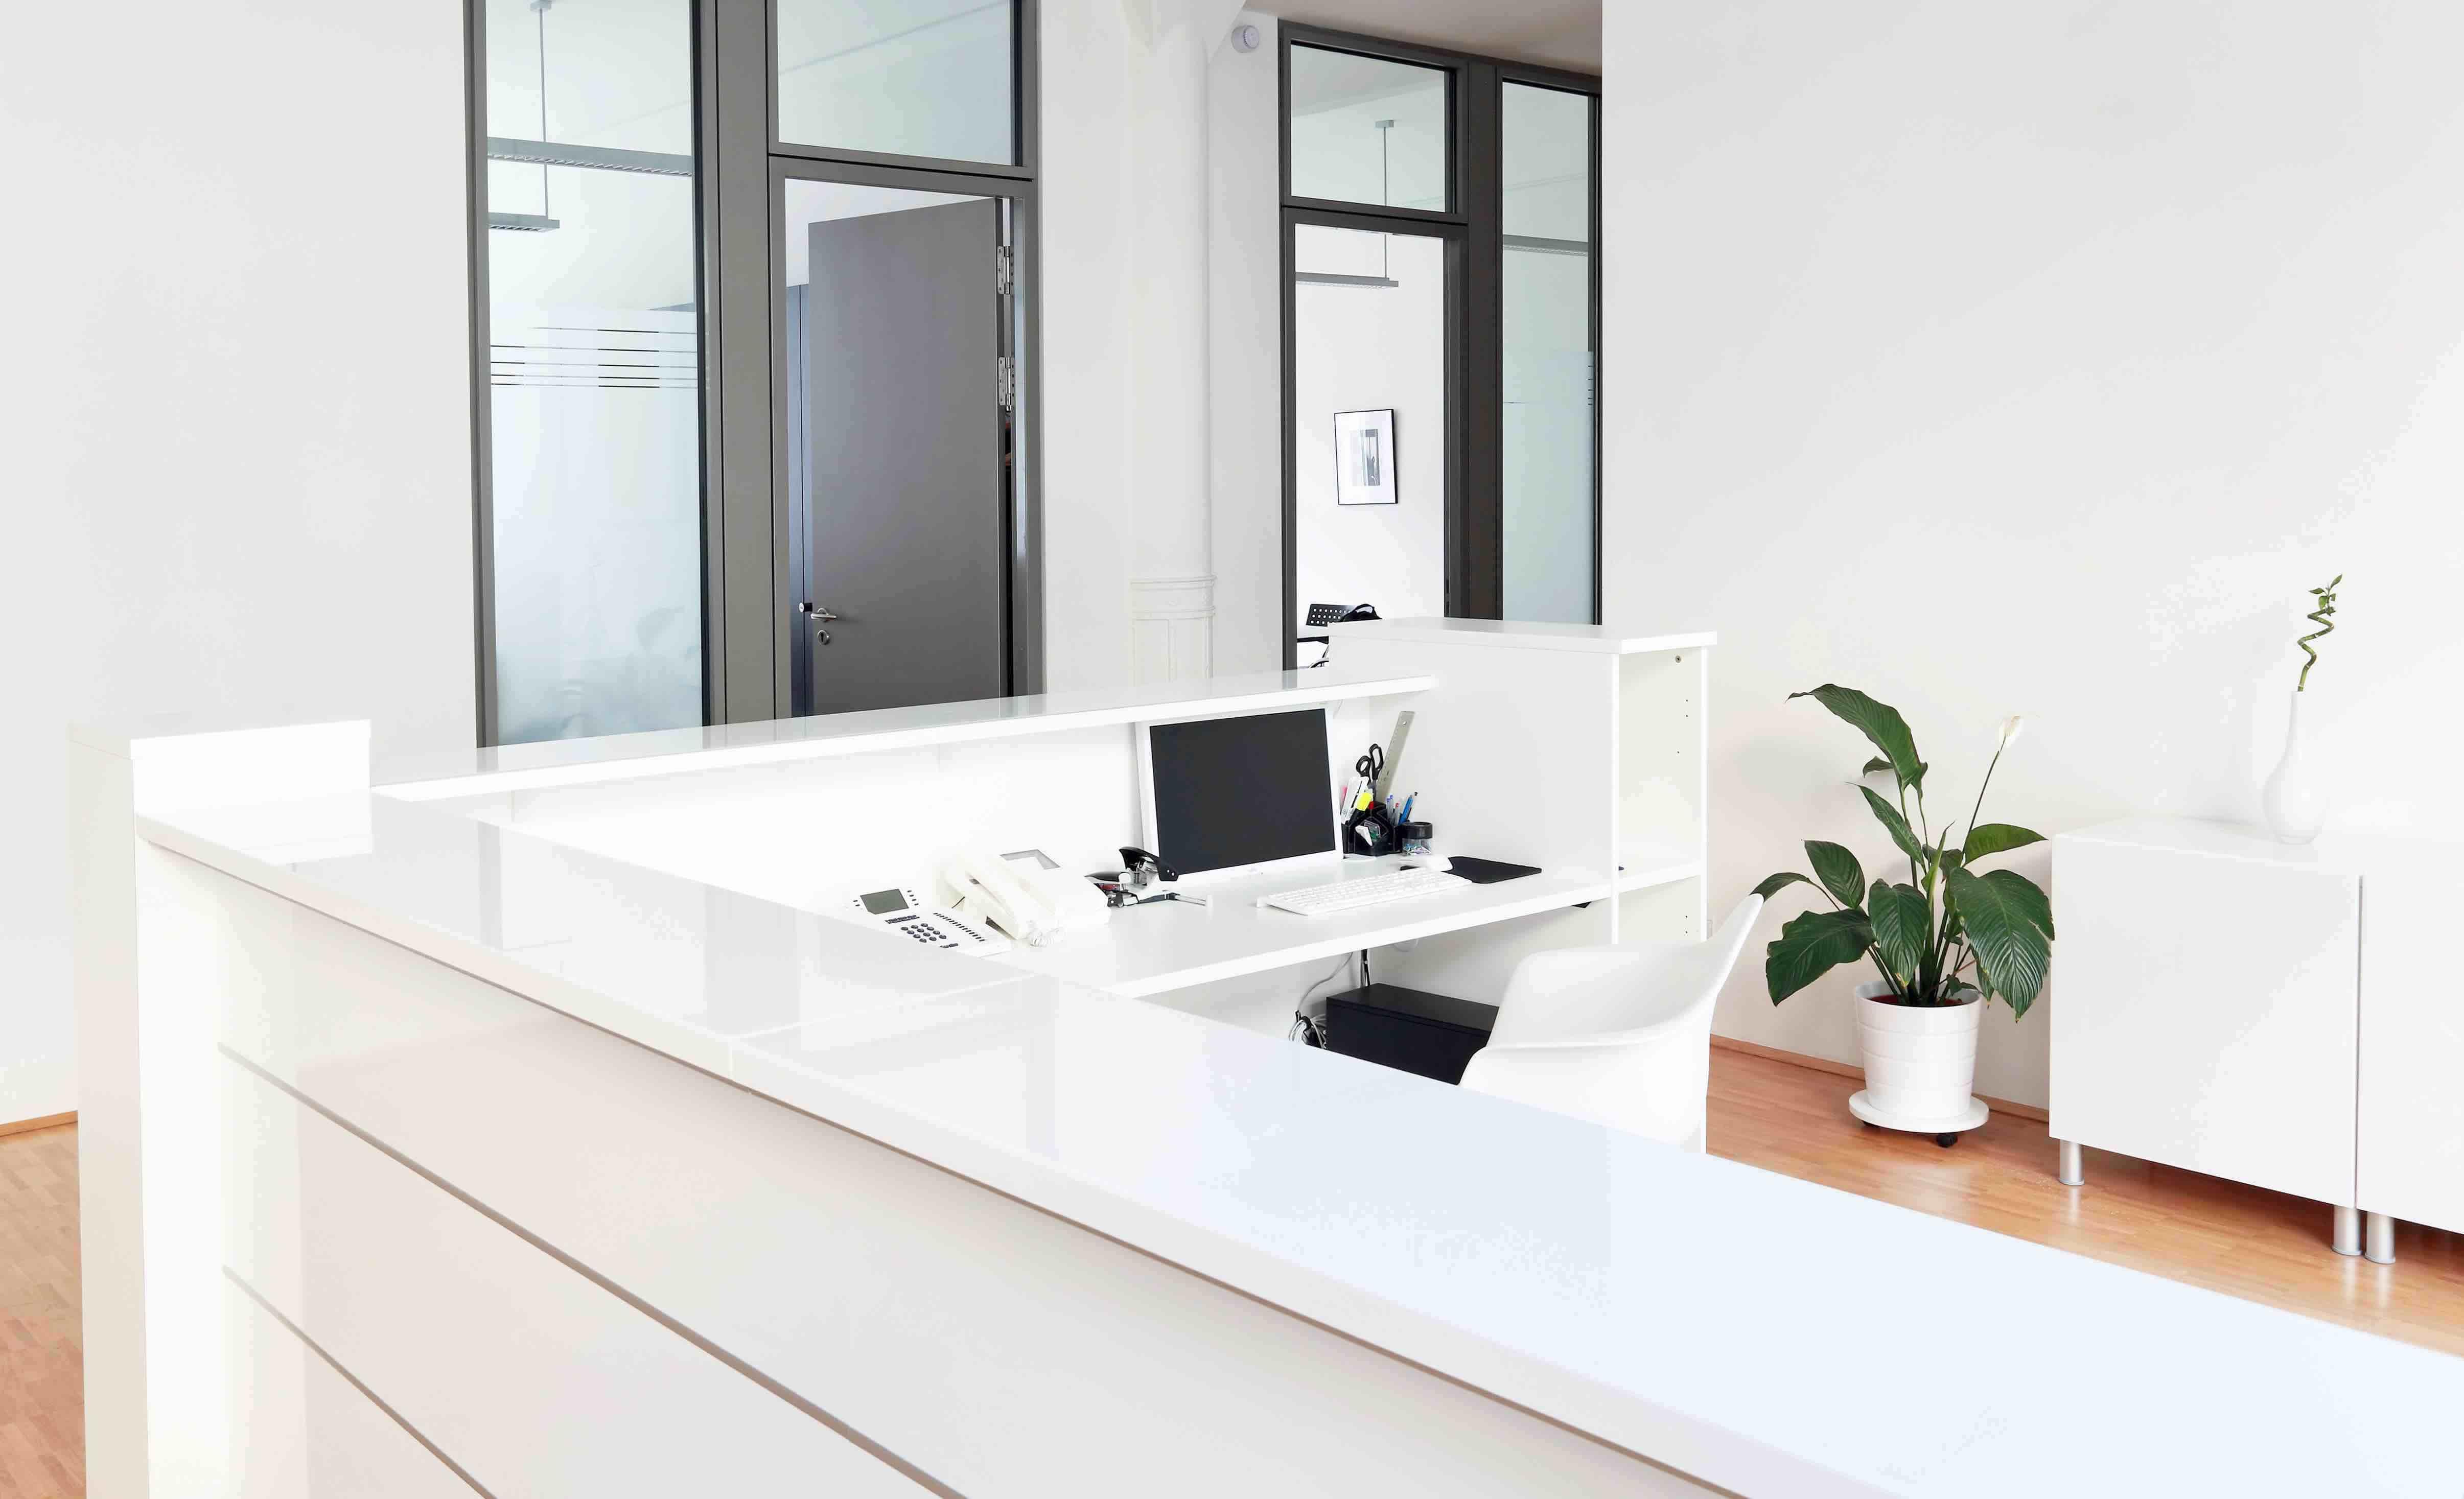 vorteile nachteile kochinsel. Black Bedroom Furniture Sets. Home Design Ideas